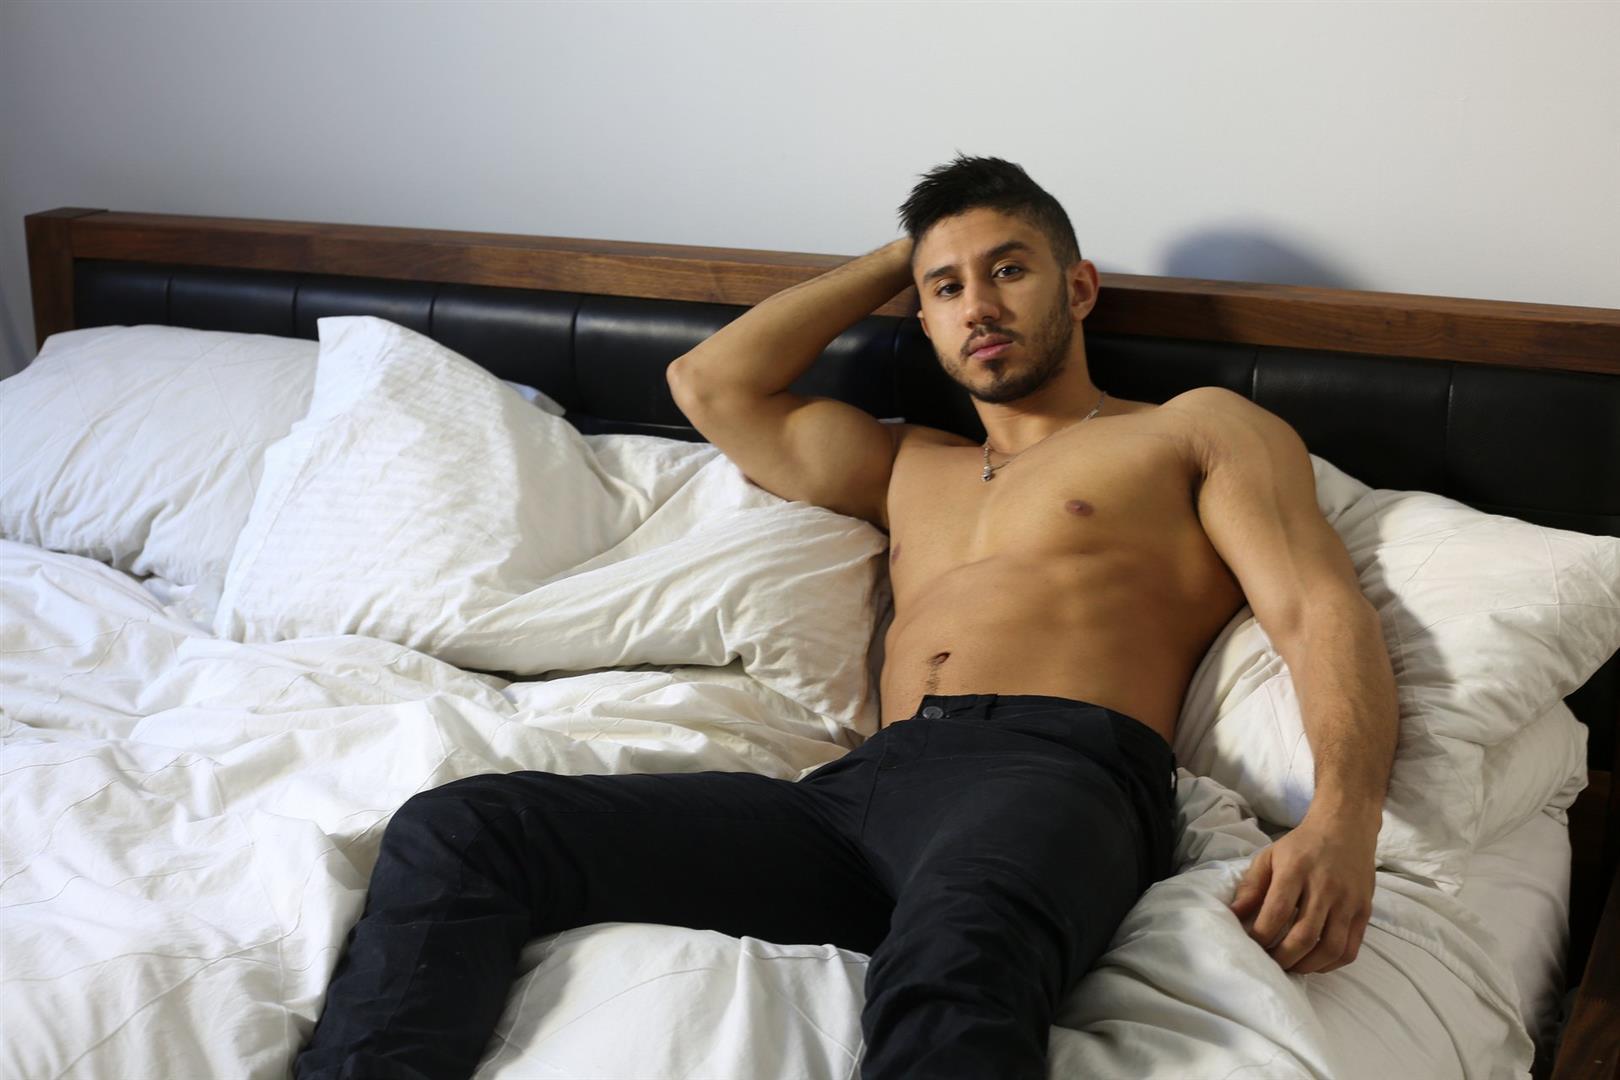 gay porn Moroccan men